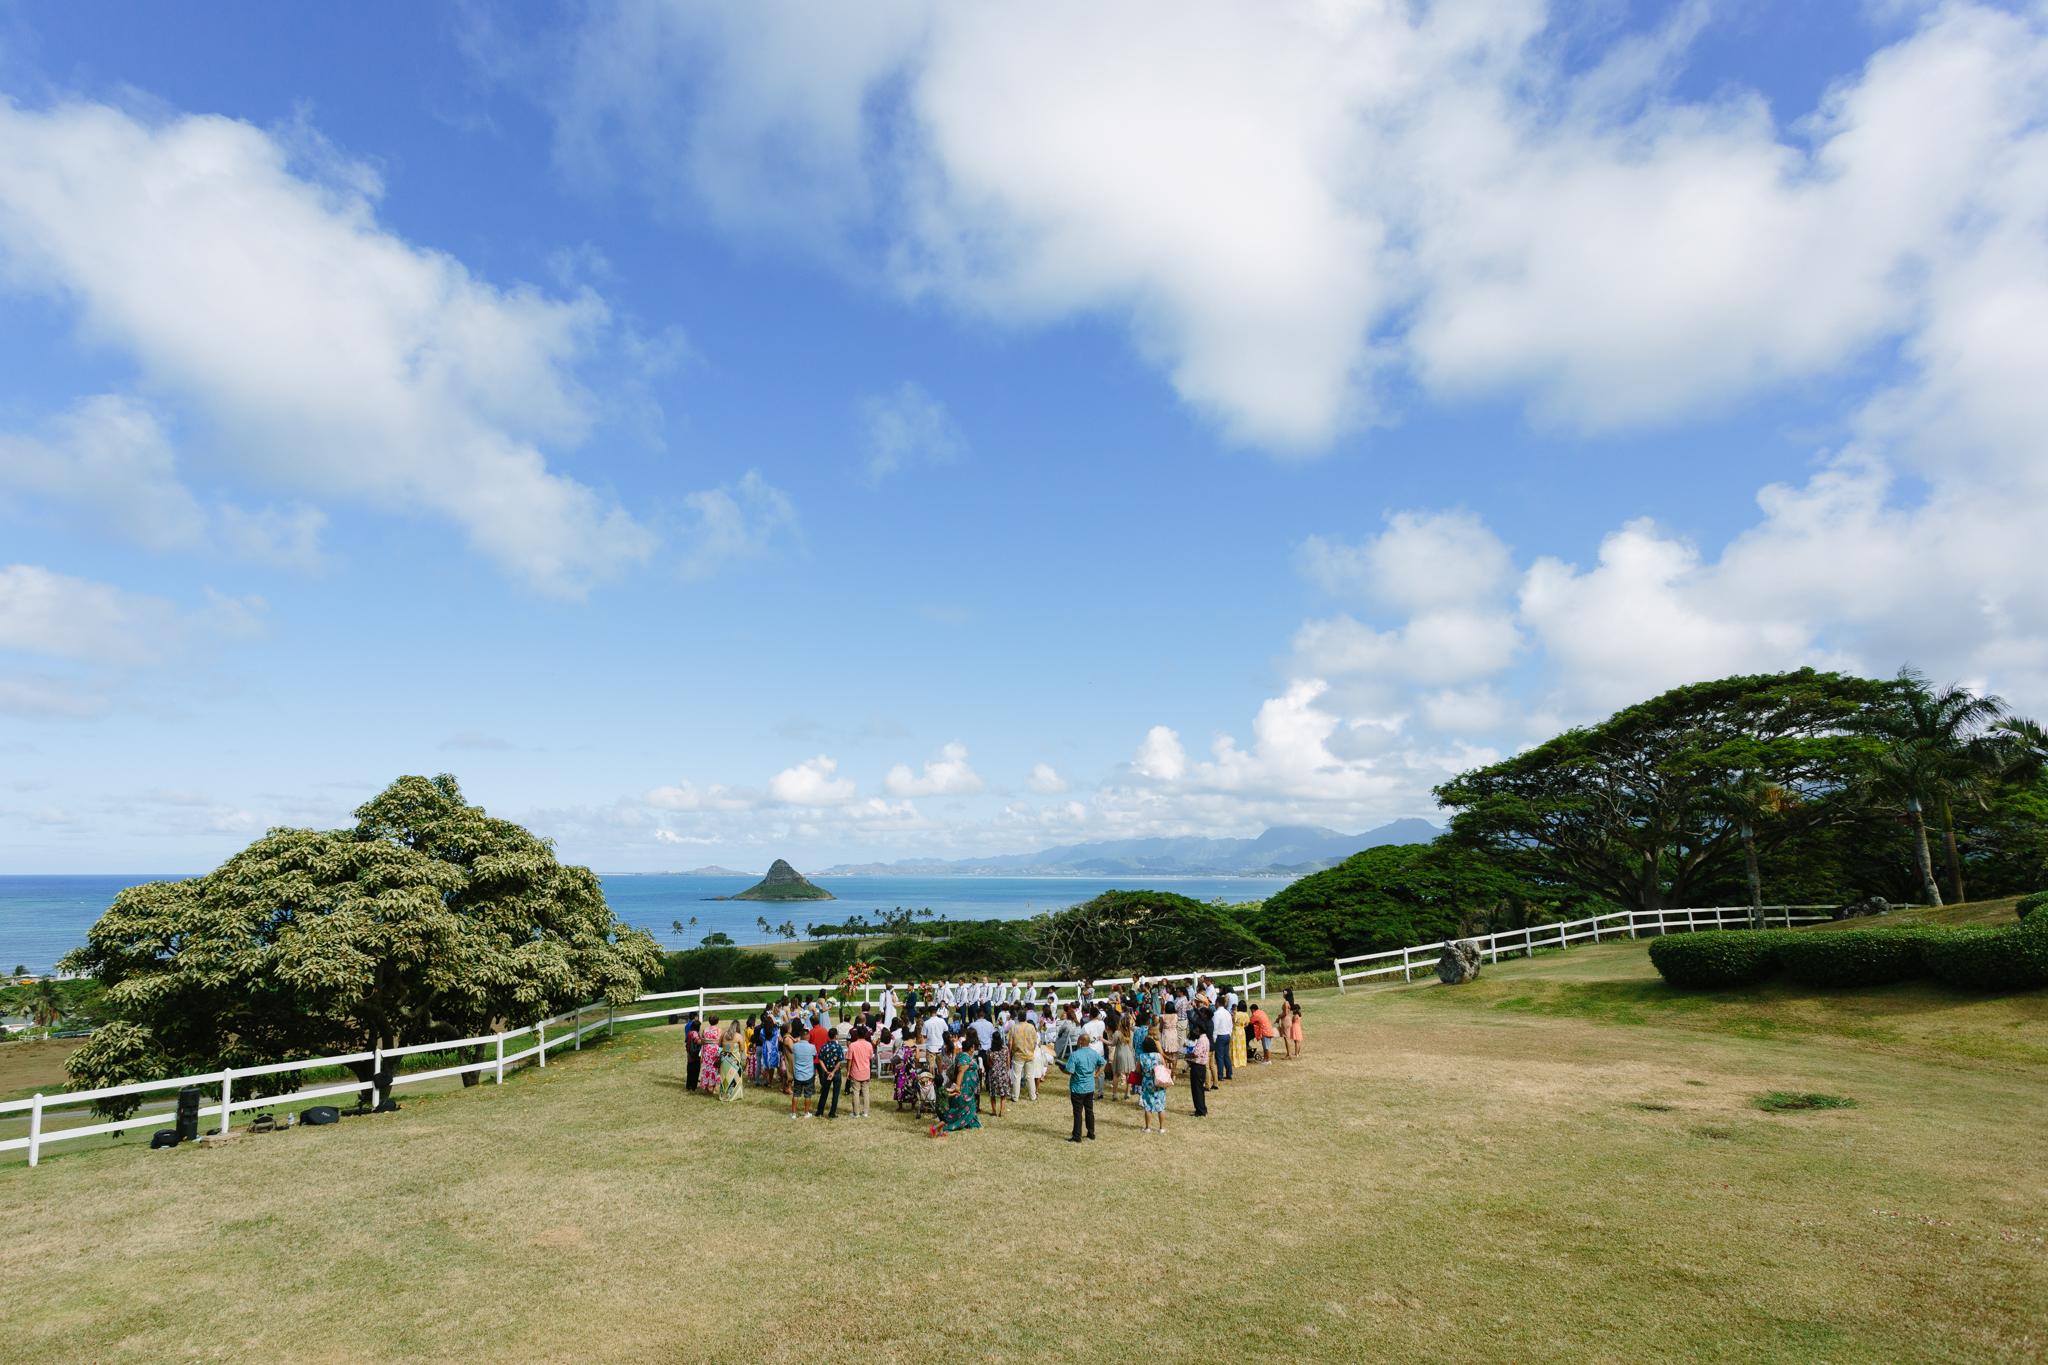 kualoa_ranch_wedding_photography_tone_hawaii-55.jpg